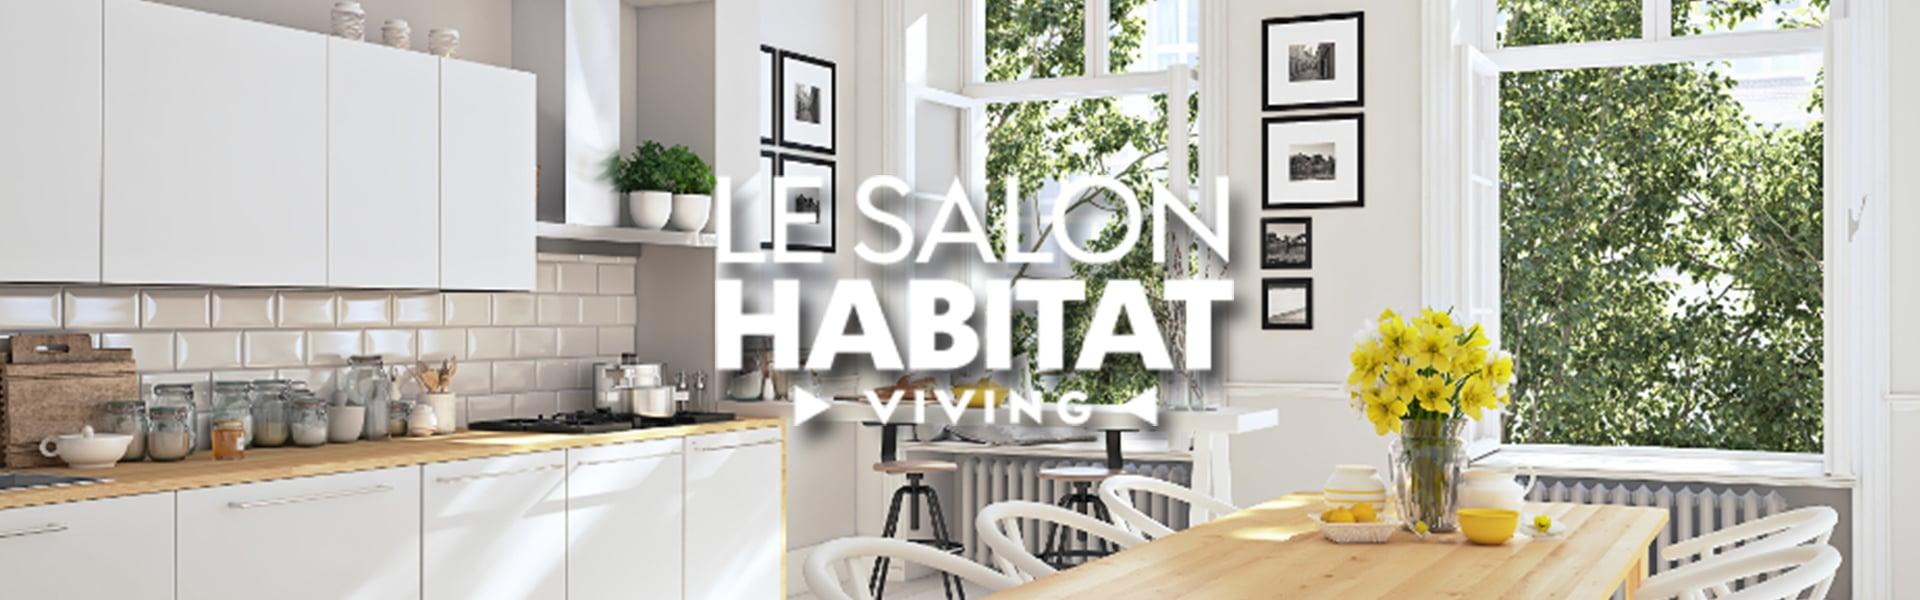 Trois de nos franchisés nous représentent au salon Habitat Viving de Lille